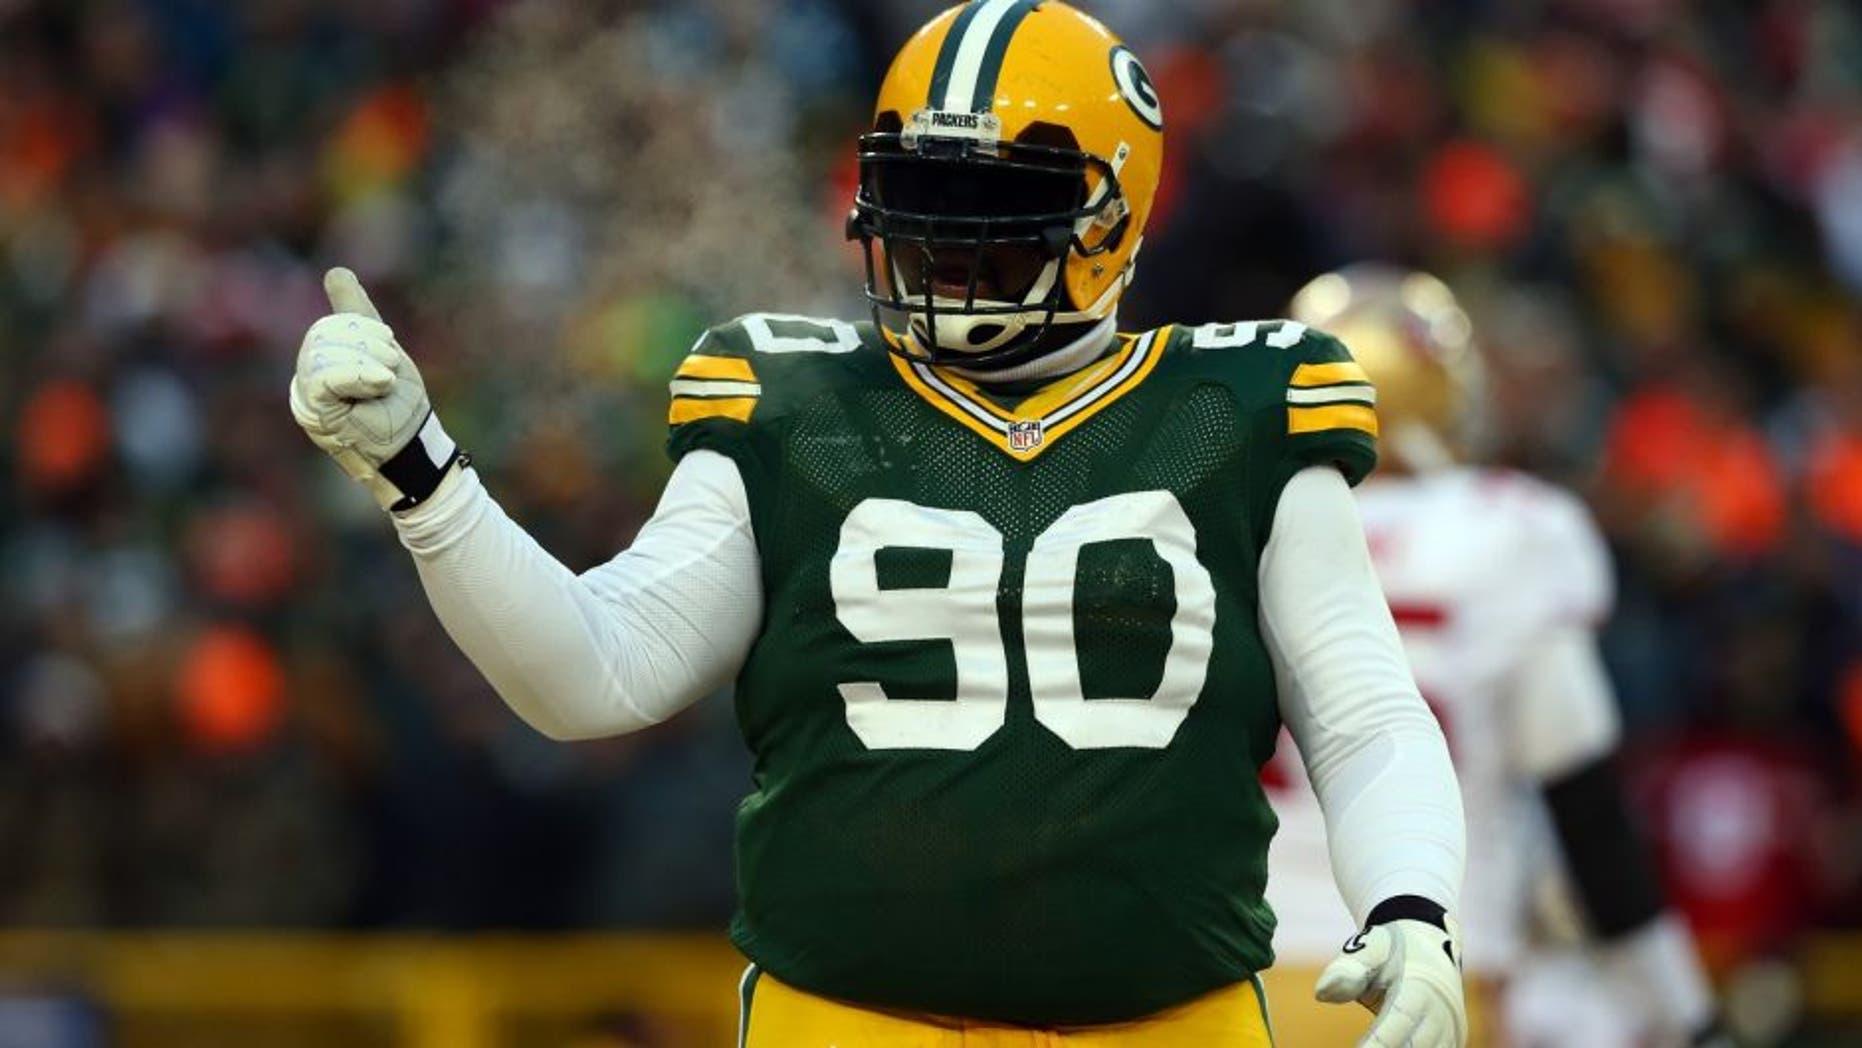 Packers free agent B.J. Raji is taking 'hiatus' from football | Fox News  hot sale